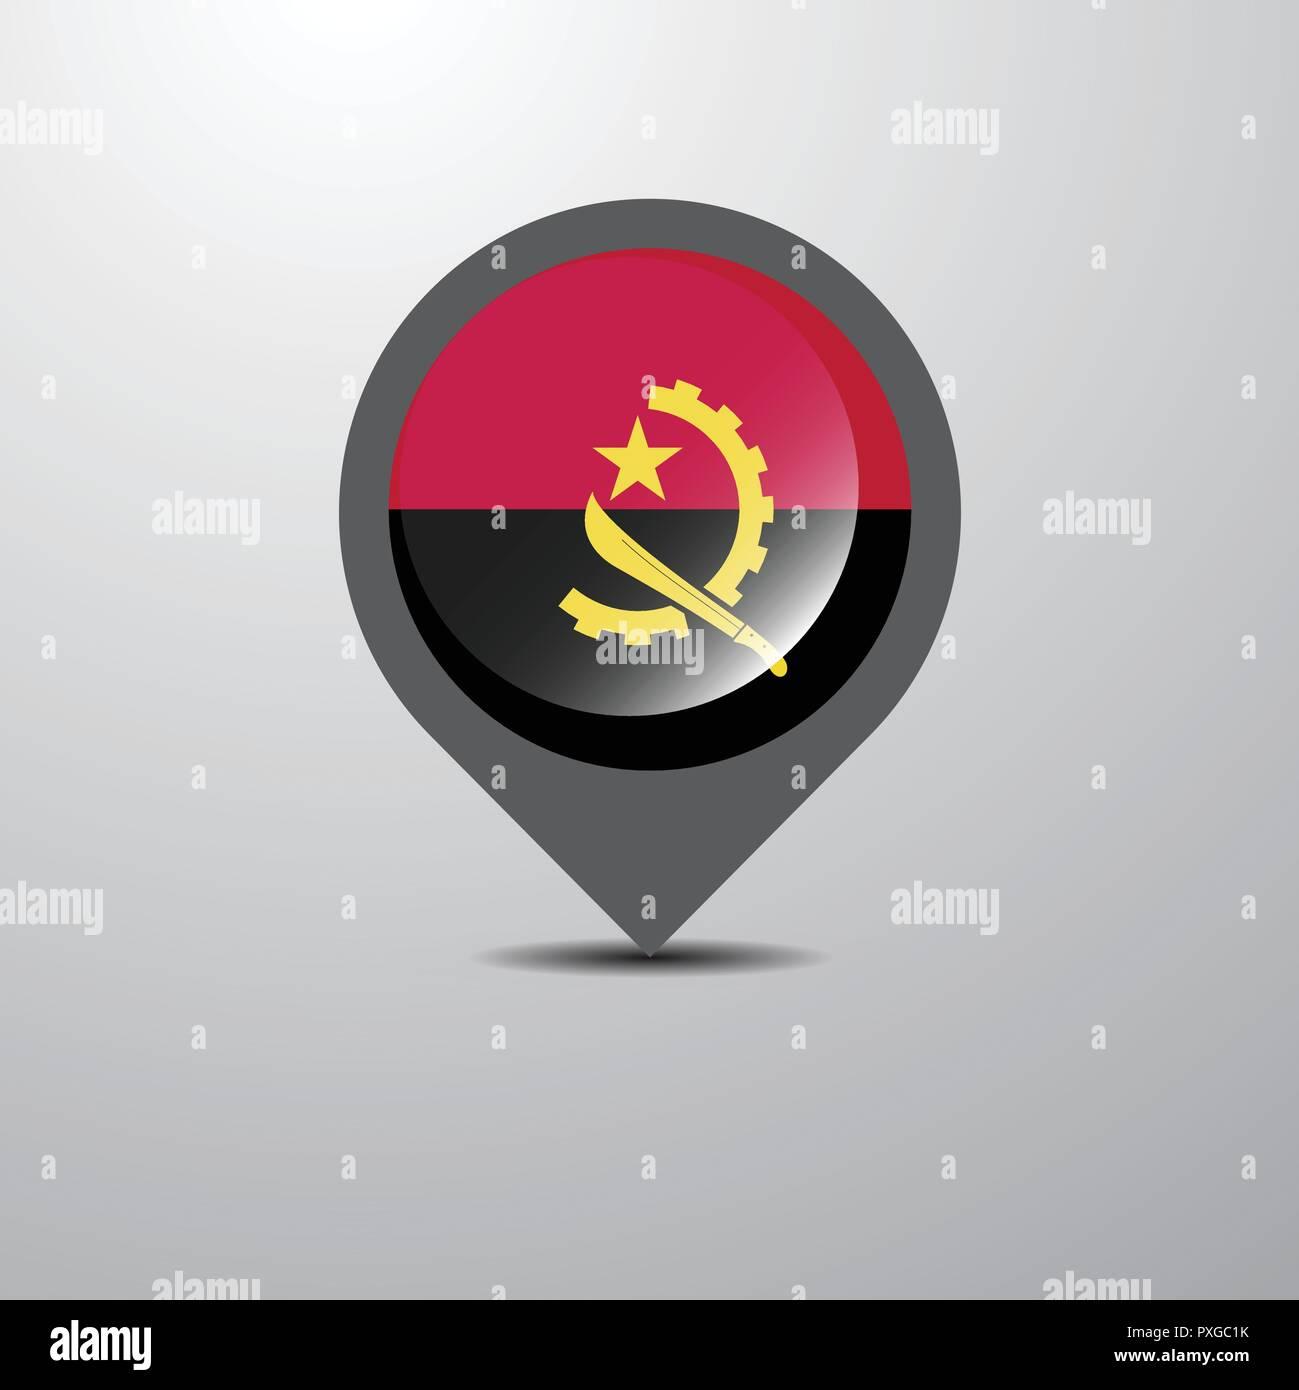 Angola Map Pin - Stock Vector